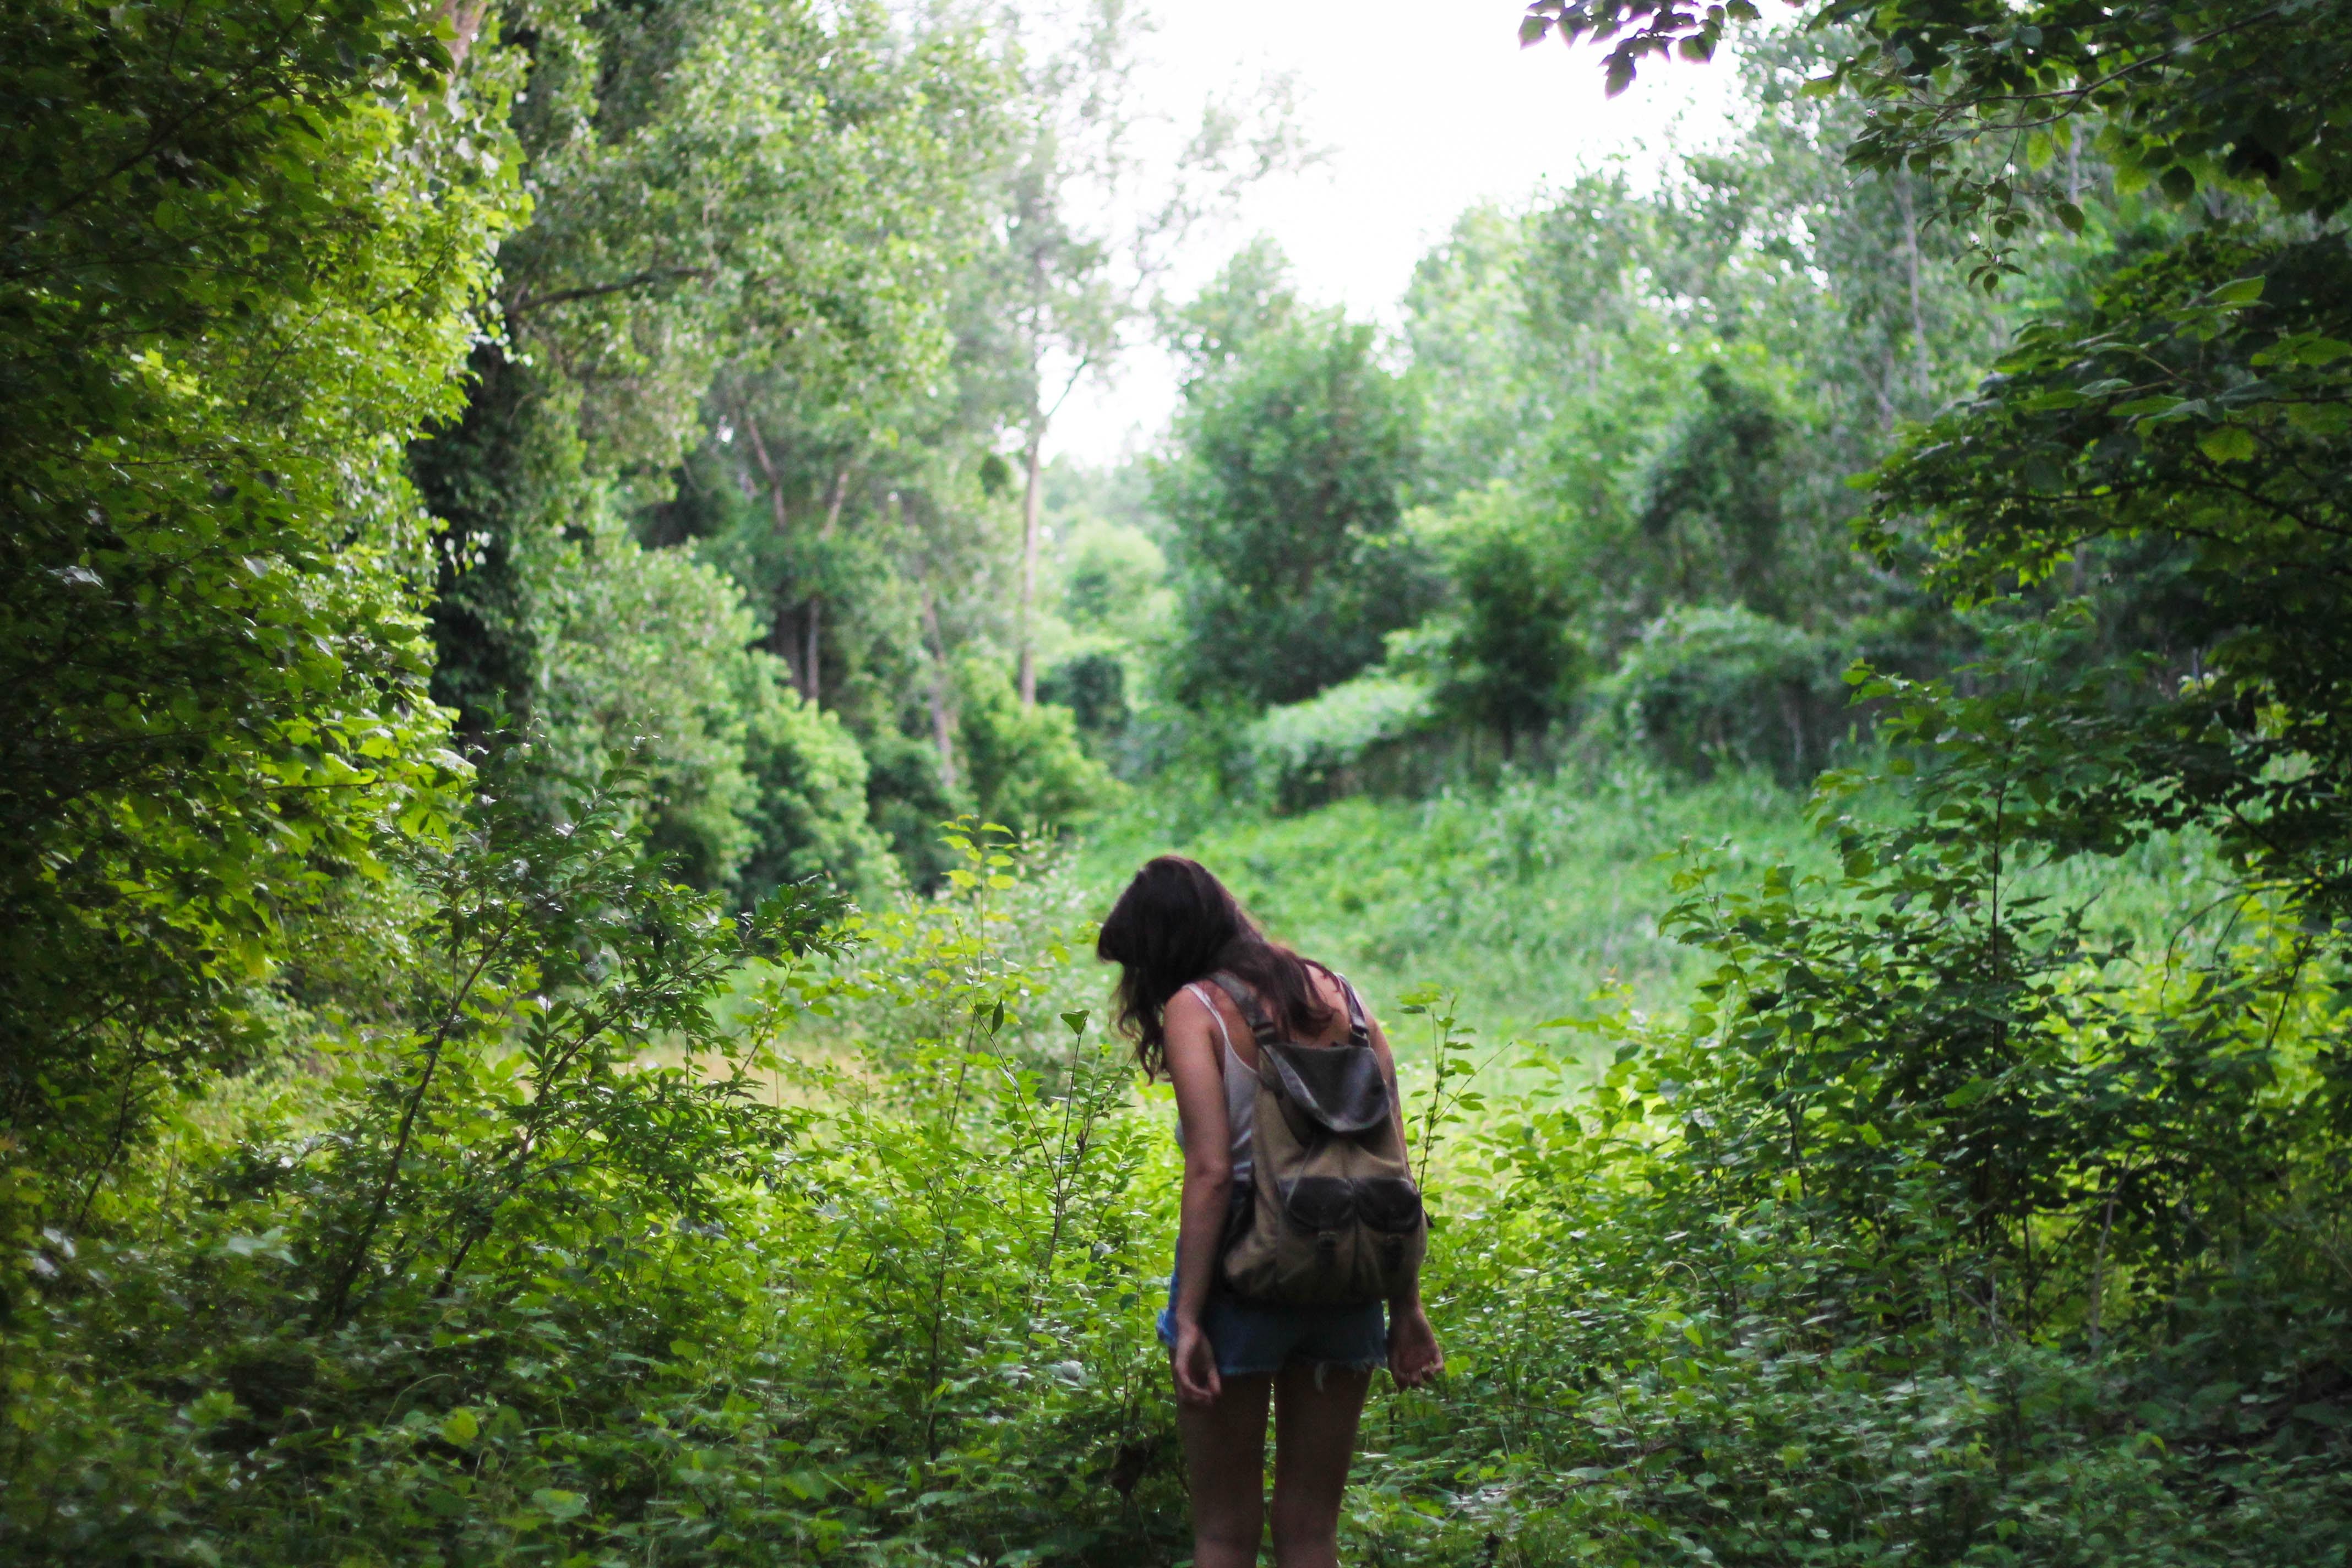 walk-in-wild_michelle-spencer-1116